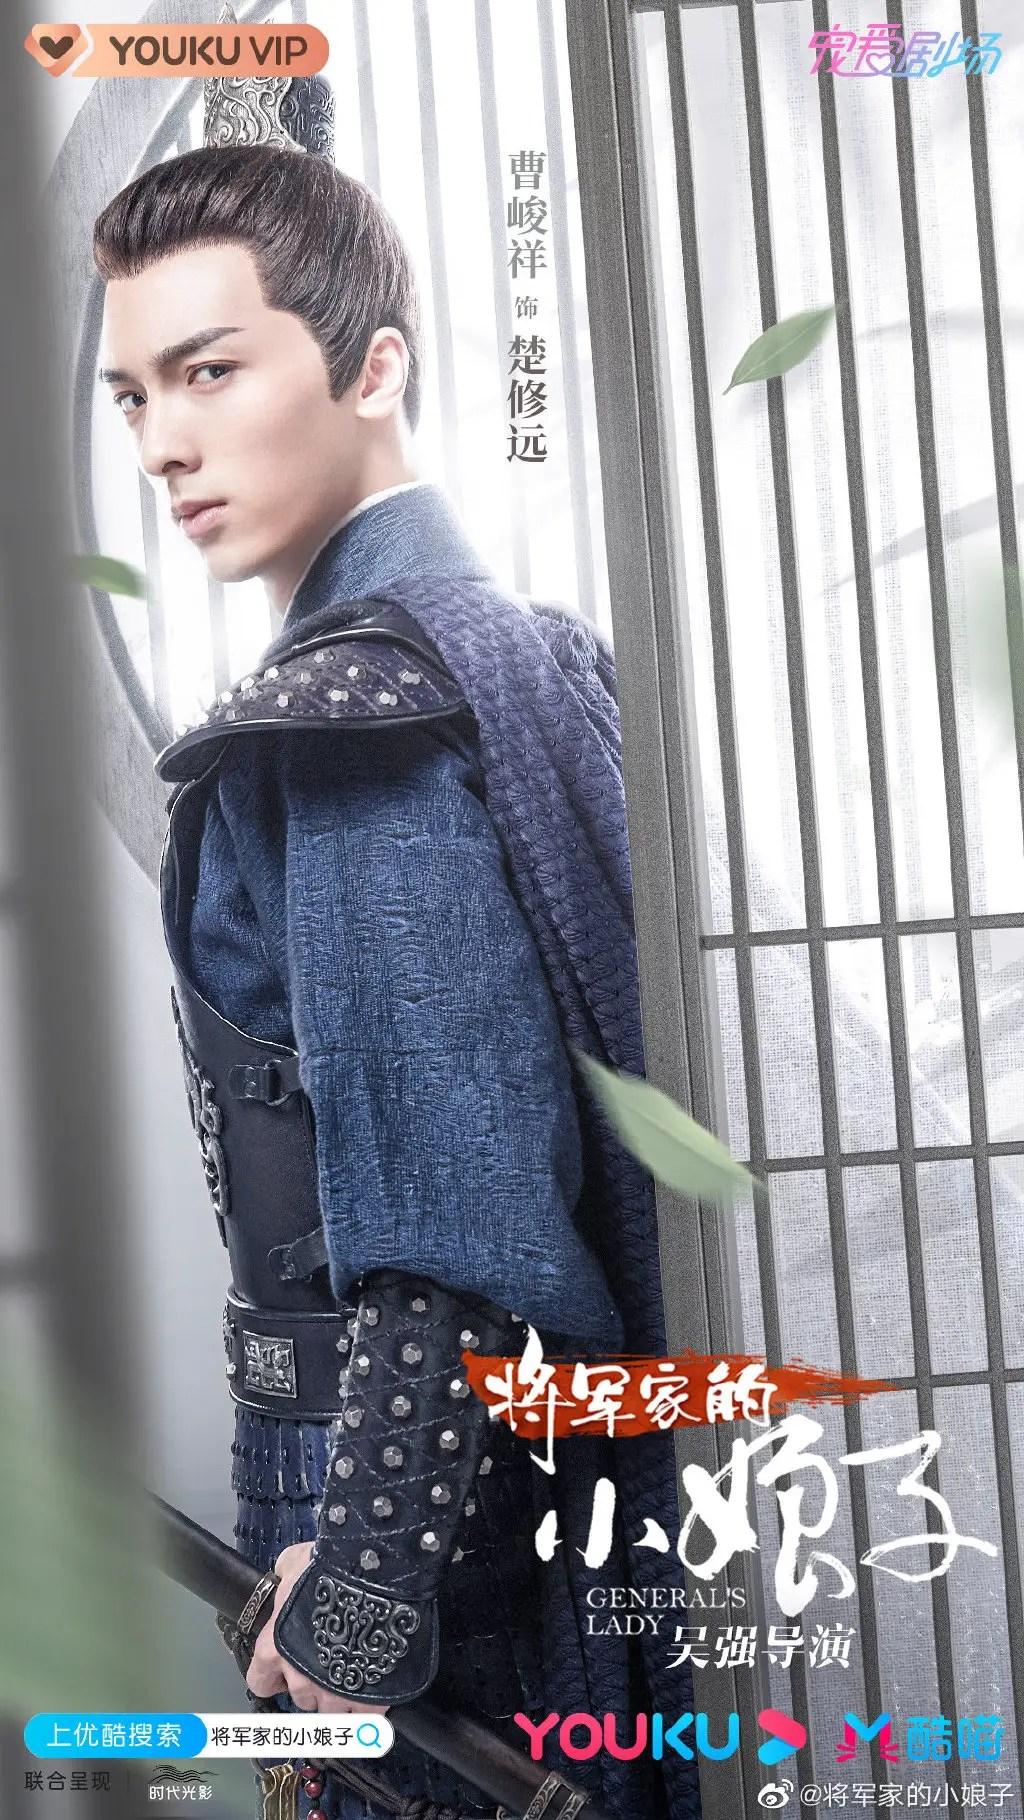 Cao Jun Xiang